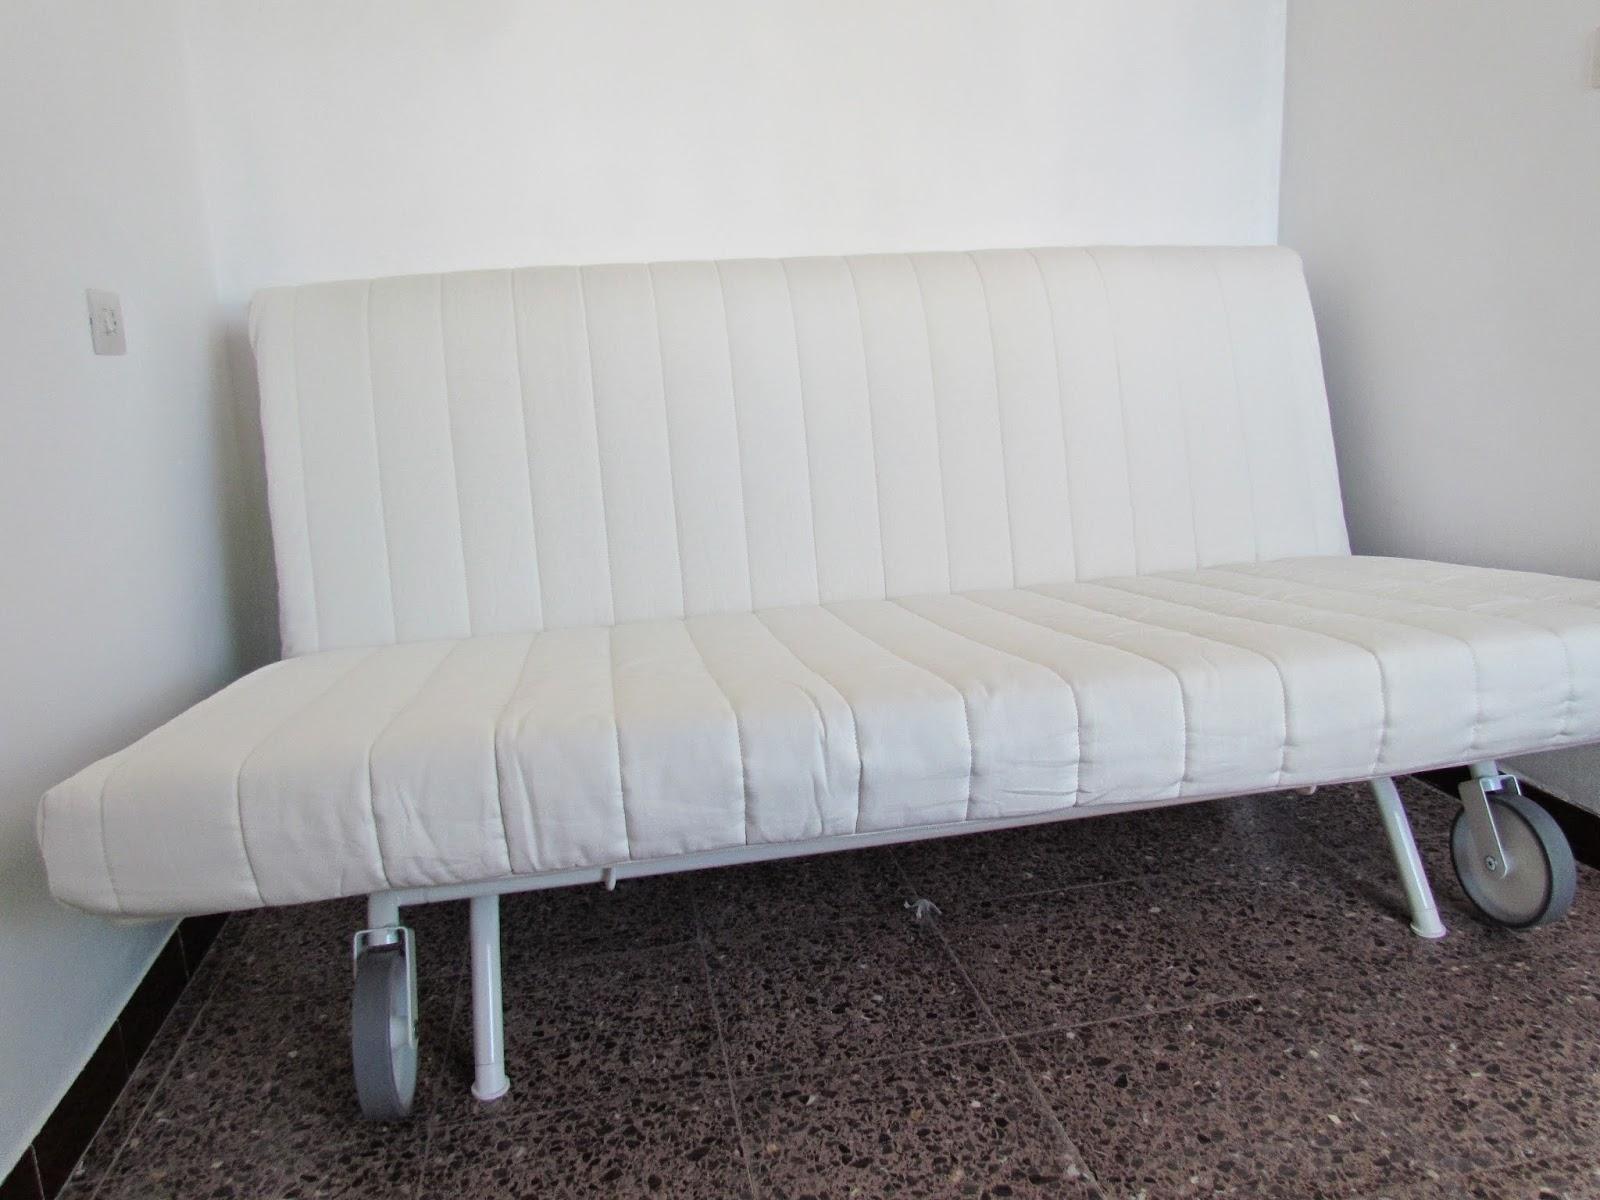 Unique sofa Cama Ikea - MarmsWeb | MarmsWeb